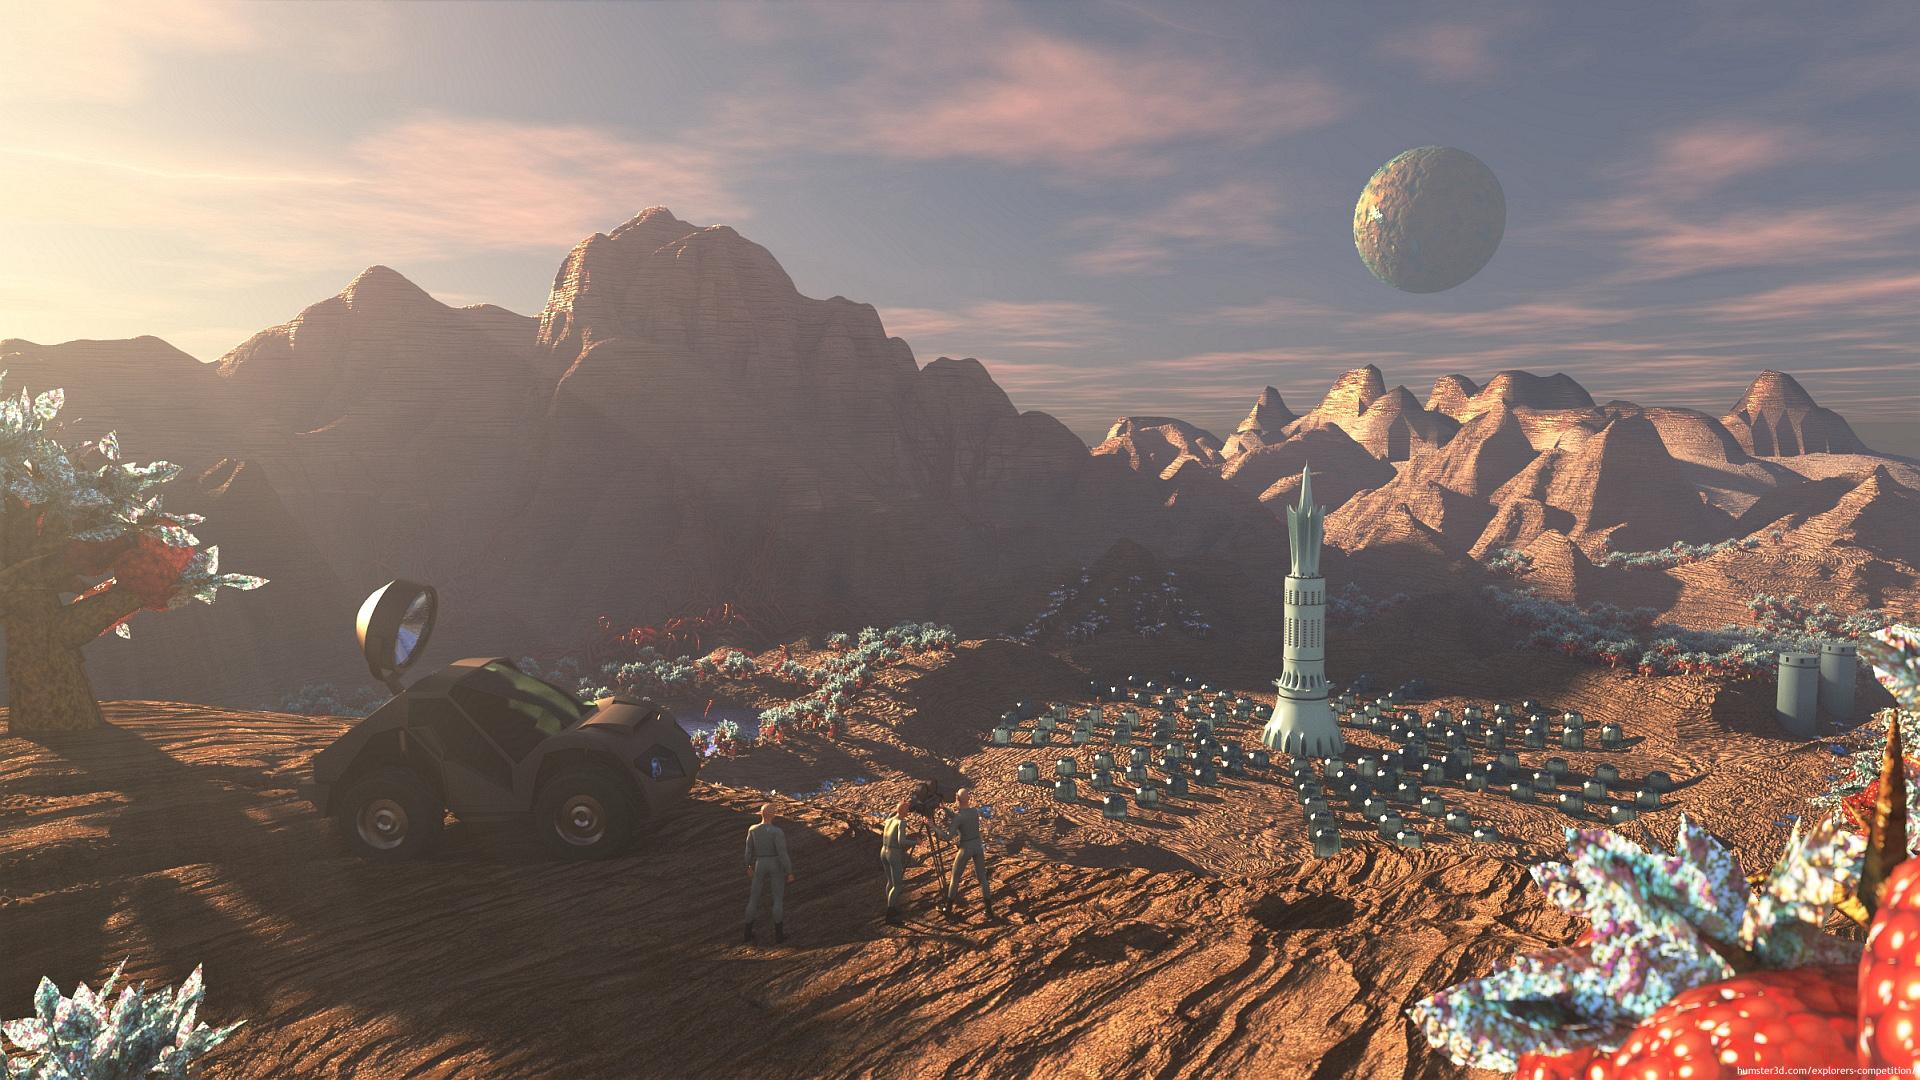 Eden 3d art